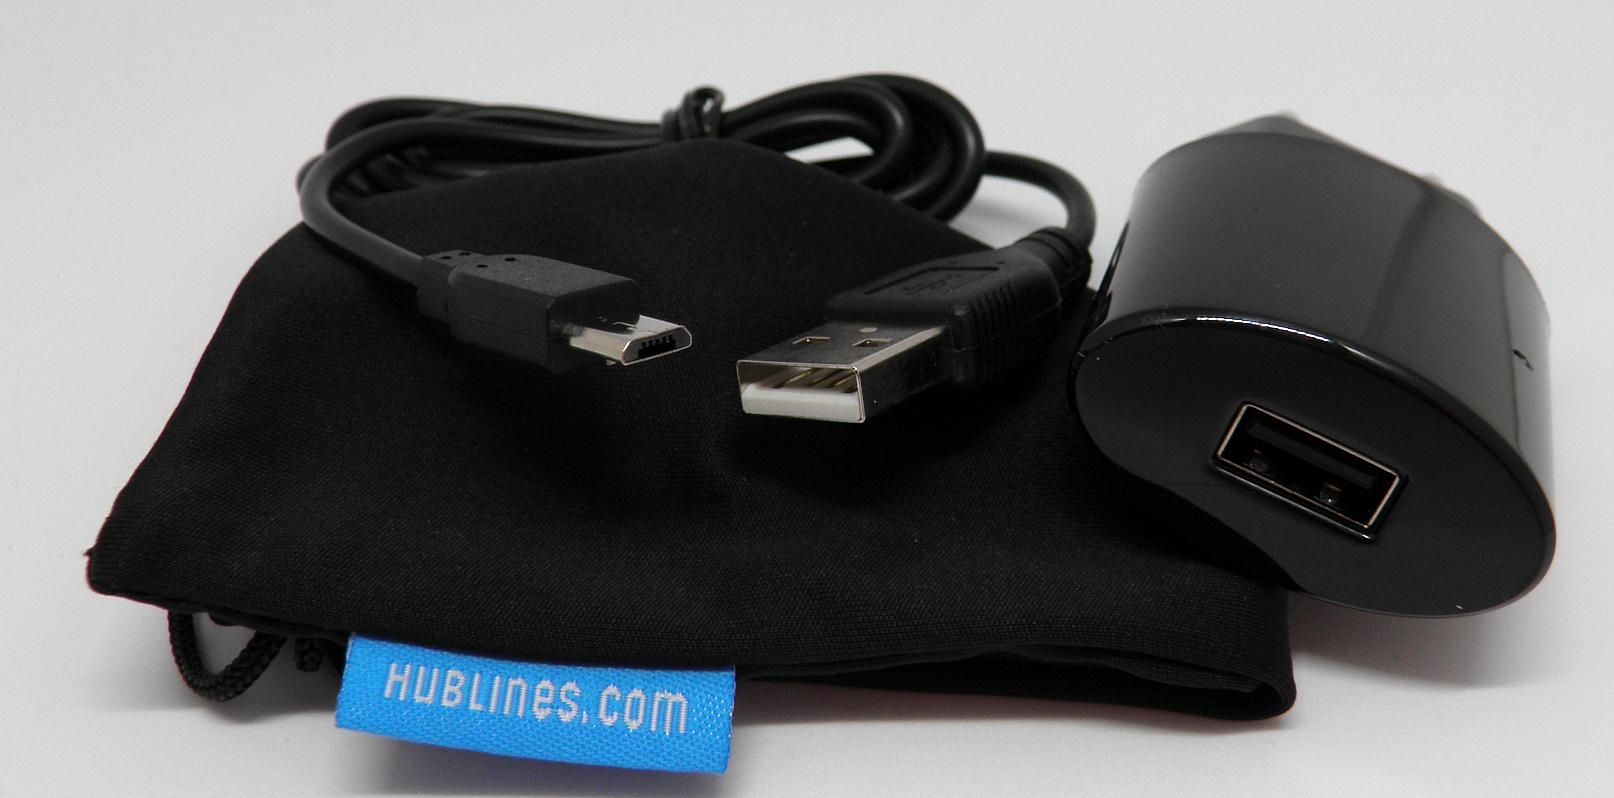 Lieferumfang: HubLines Ladegerät, Micro-USB-Kabel und kleiner Beutel.